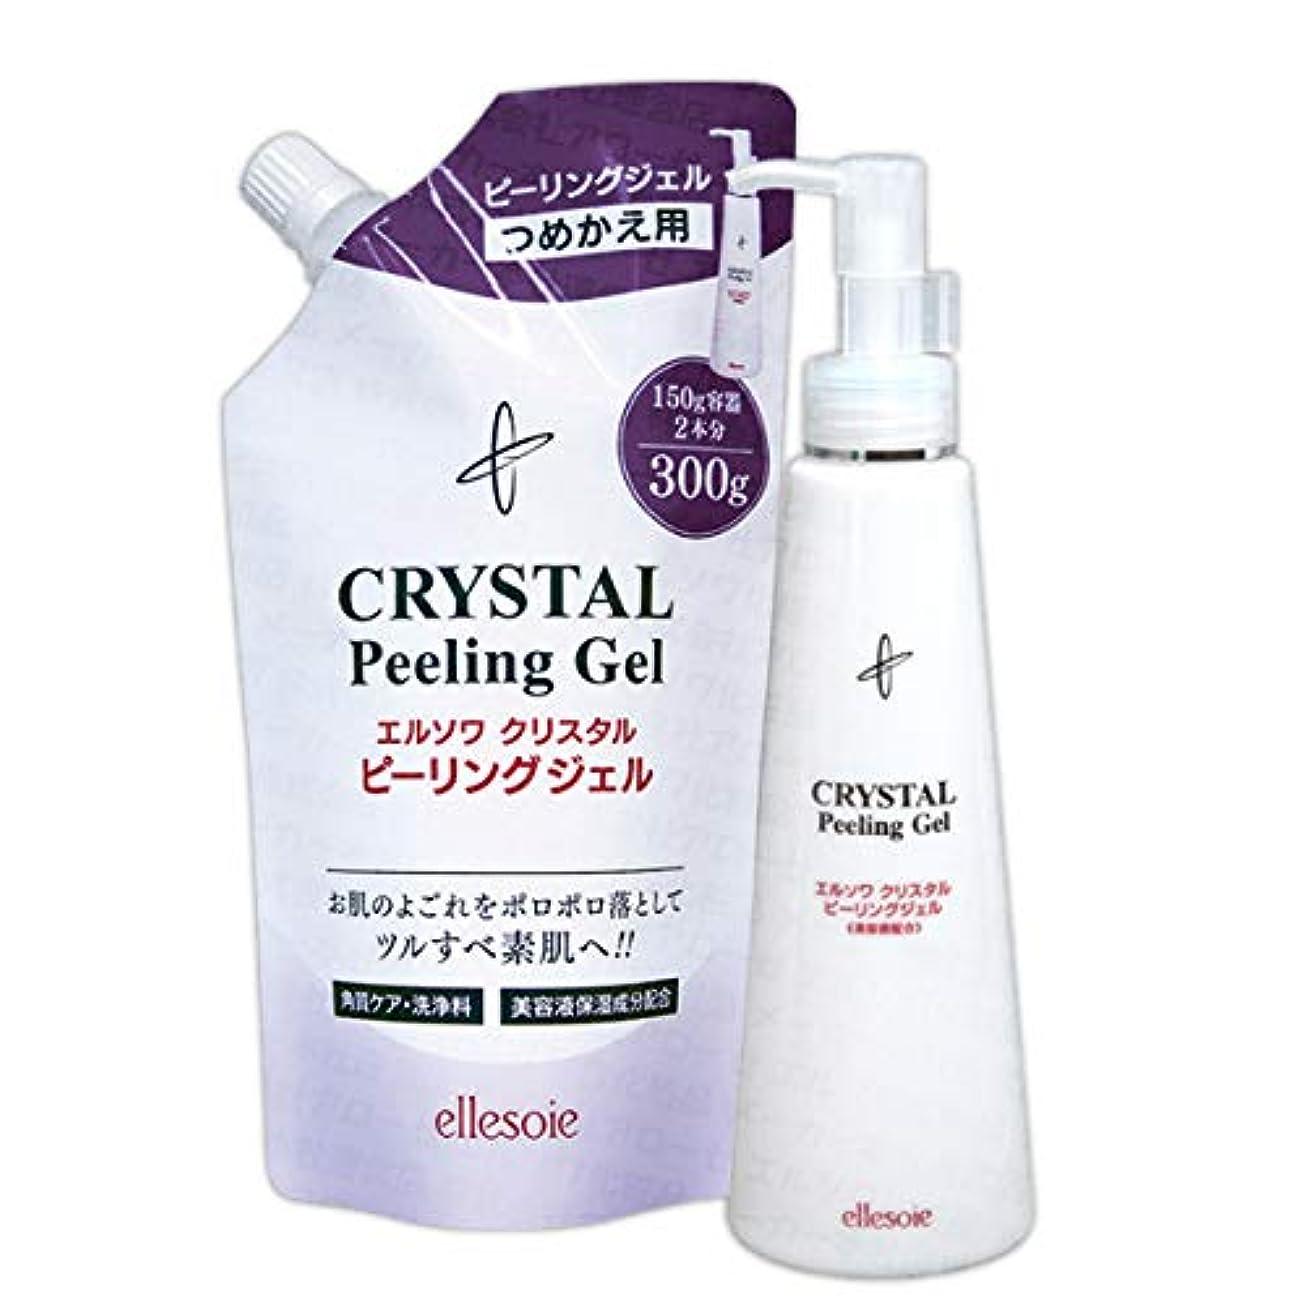 エルソワ化粧品(ellesoie) クリスタルピーリングジェル 肌を労る美容成分配合の角質取り (容器150g+詰替300g)